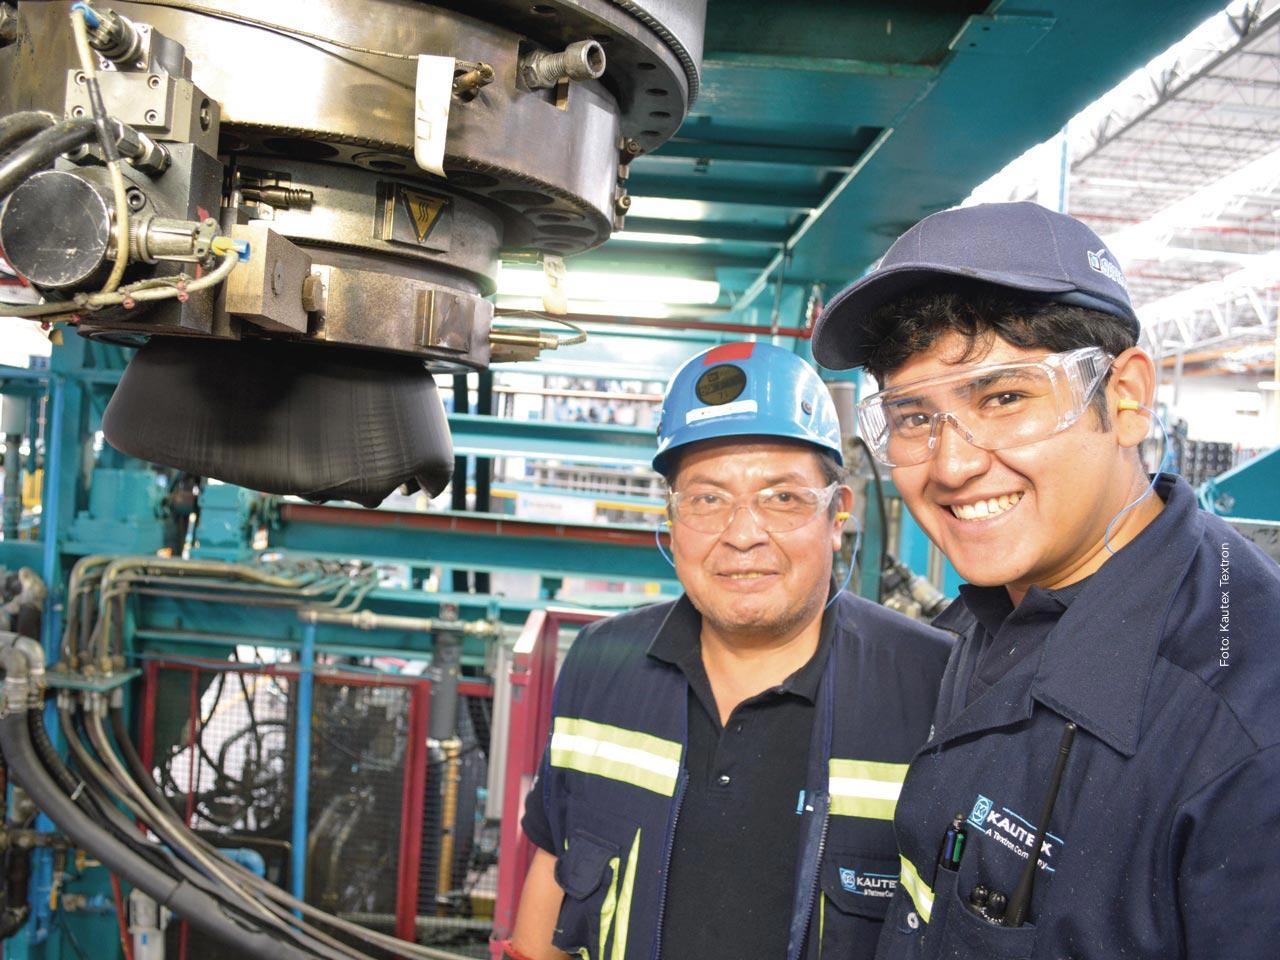 Kautex drückt bei der unternehmensweiten Zusammenarbeit ordentlich auf's Gas